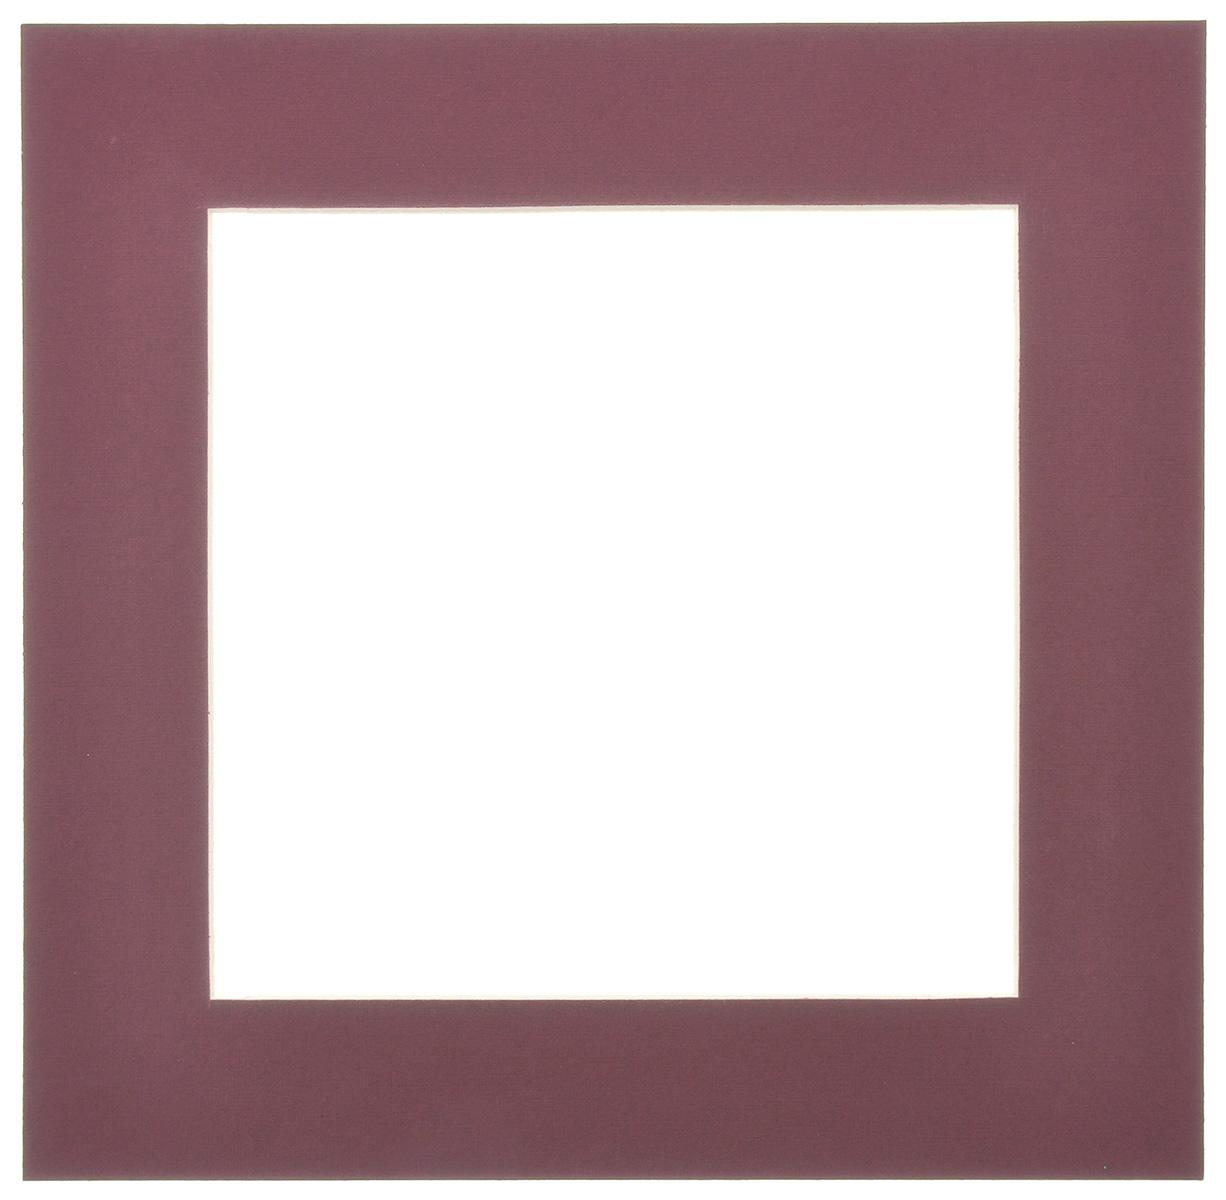 Паспарту Василиса, цвет: темно-бордовый, 17 см х 17 см580644Паспарту Василиса, изготовленное из плотного картона, предназначено для оформления художественных работ и фотографий. Оно располагается между багетной рамой и изображением, делая акцент на фотографии, усиливая ее визуальное восприятие. Кроме того, на паспарту часто располагают поясняющие подписи, автограф изображенного. Внешний размер: 25 см х 25 см. Внутренний размер: 17 см х 17 см.